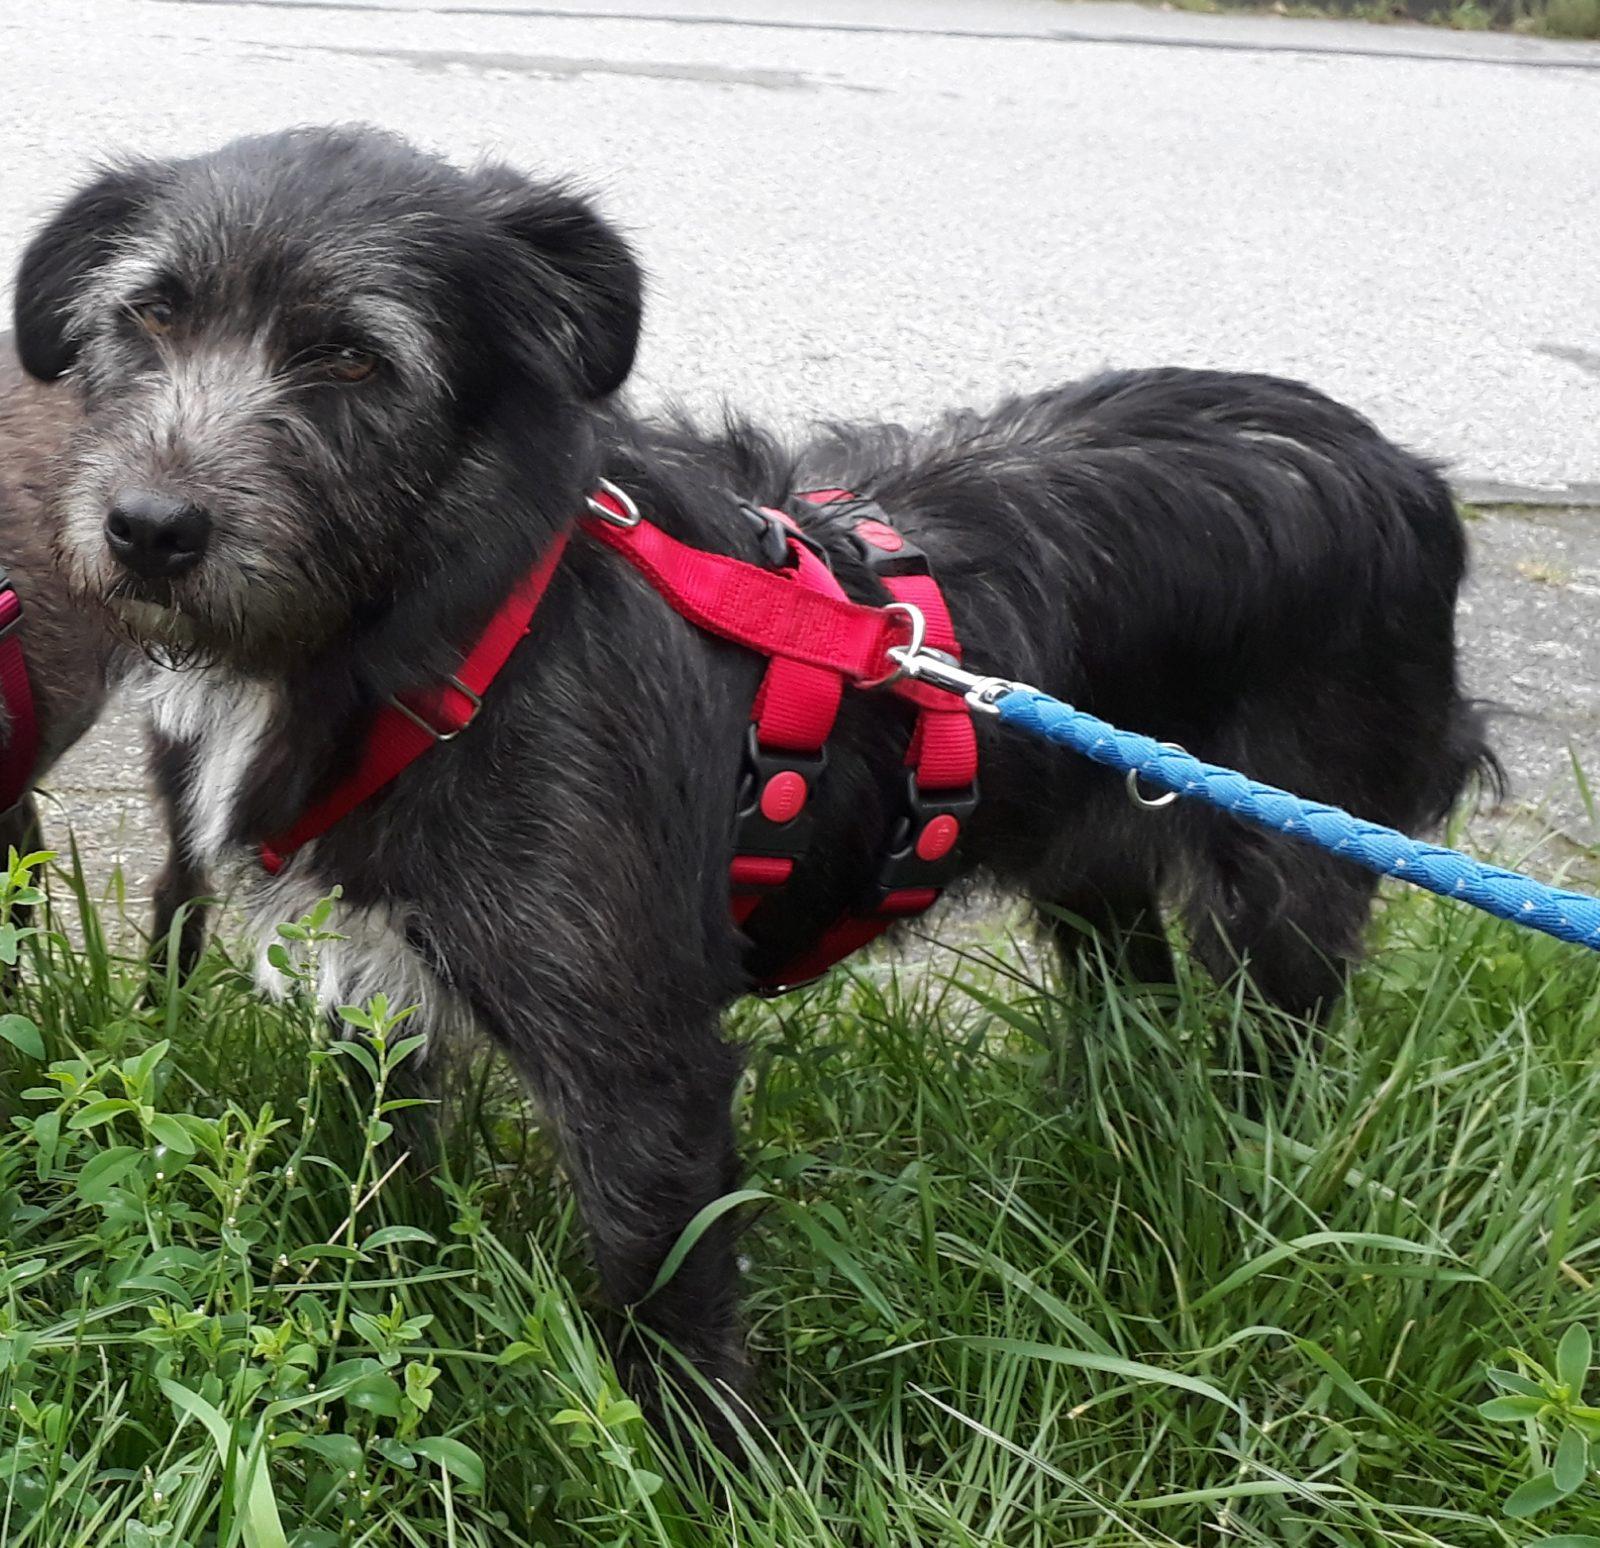 Foto3 Penelope Aktionsgemeinschaft für Tiere